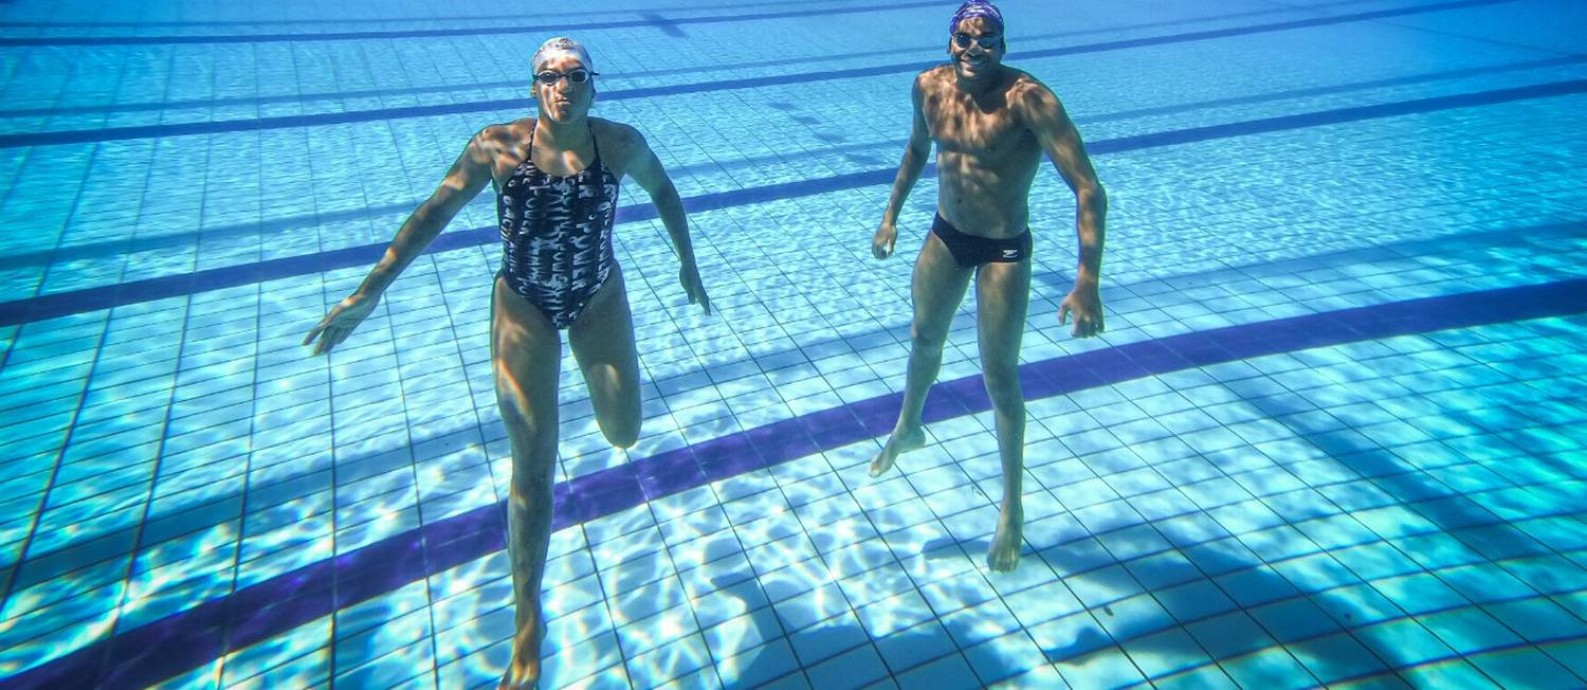 Os maratonistas aquáticos Ana Marcela Cunha e Allan do Carmo, de volta, na reabertura do CT do Time Brasil Foto: Rafael Bello/Divulgação COB